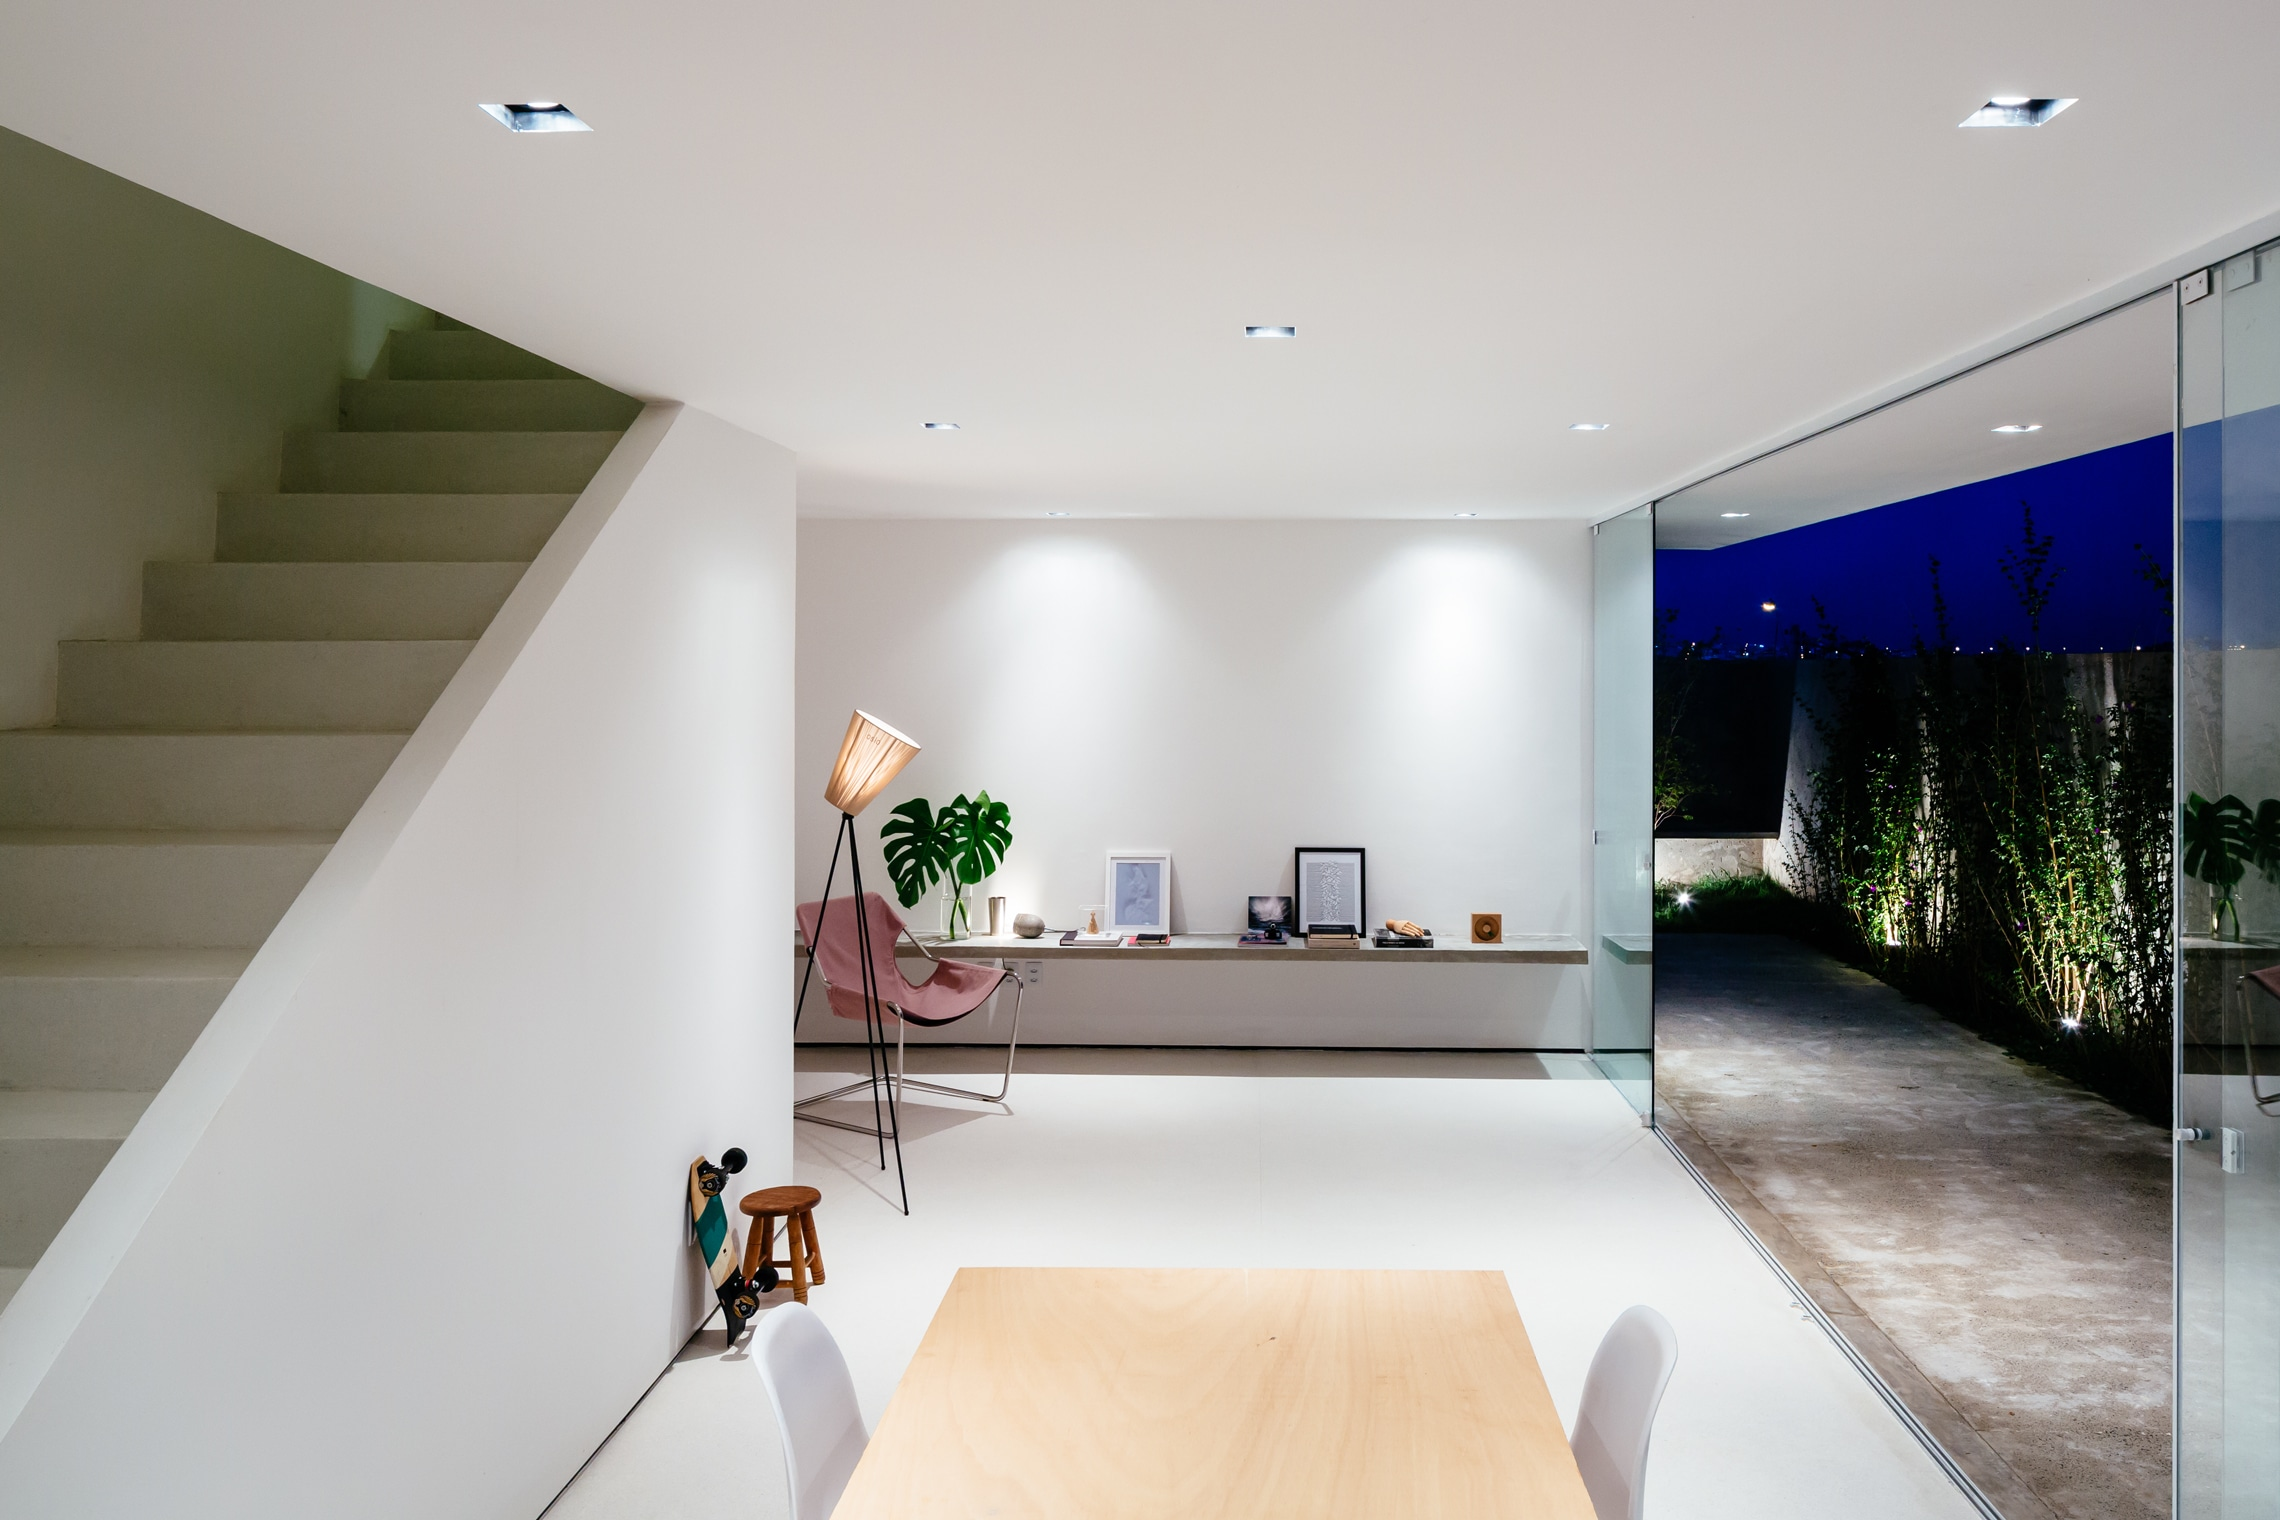 Sencilla casa de dos pisos con planos y dise o de interiores Quiero estudiar diseno de interiores